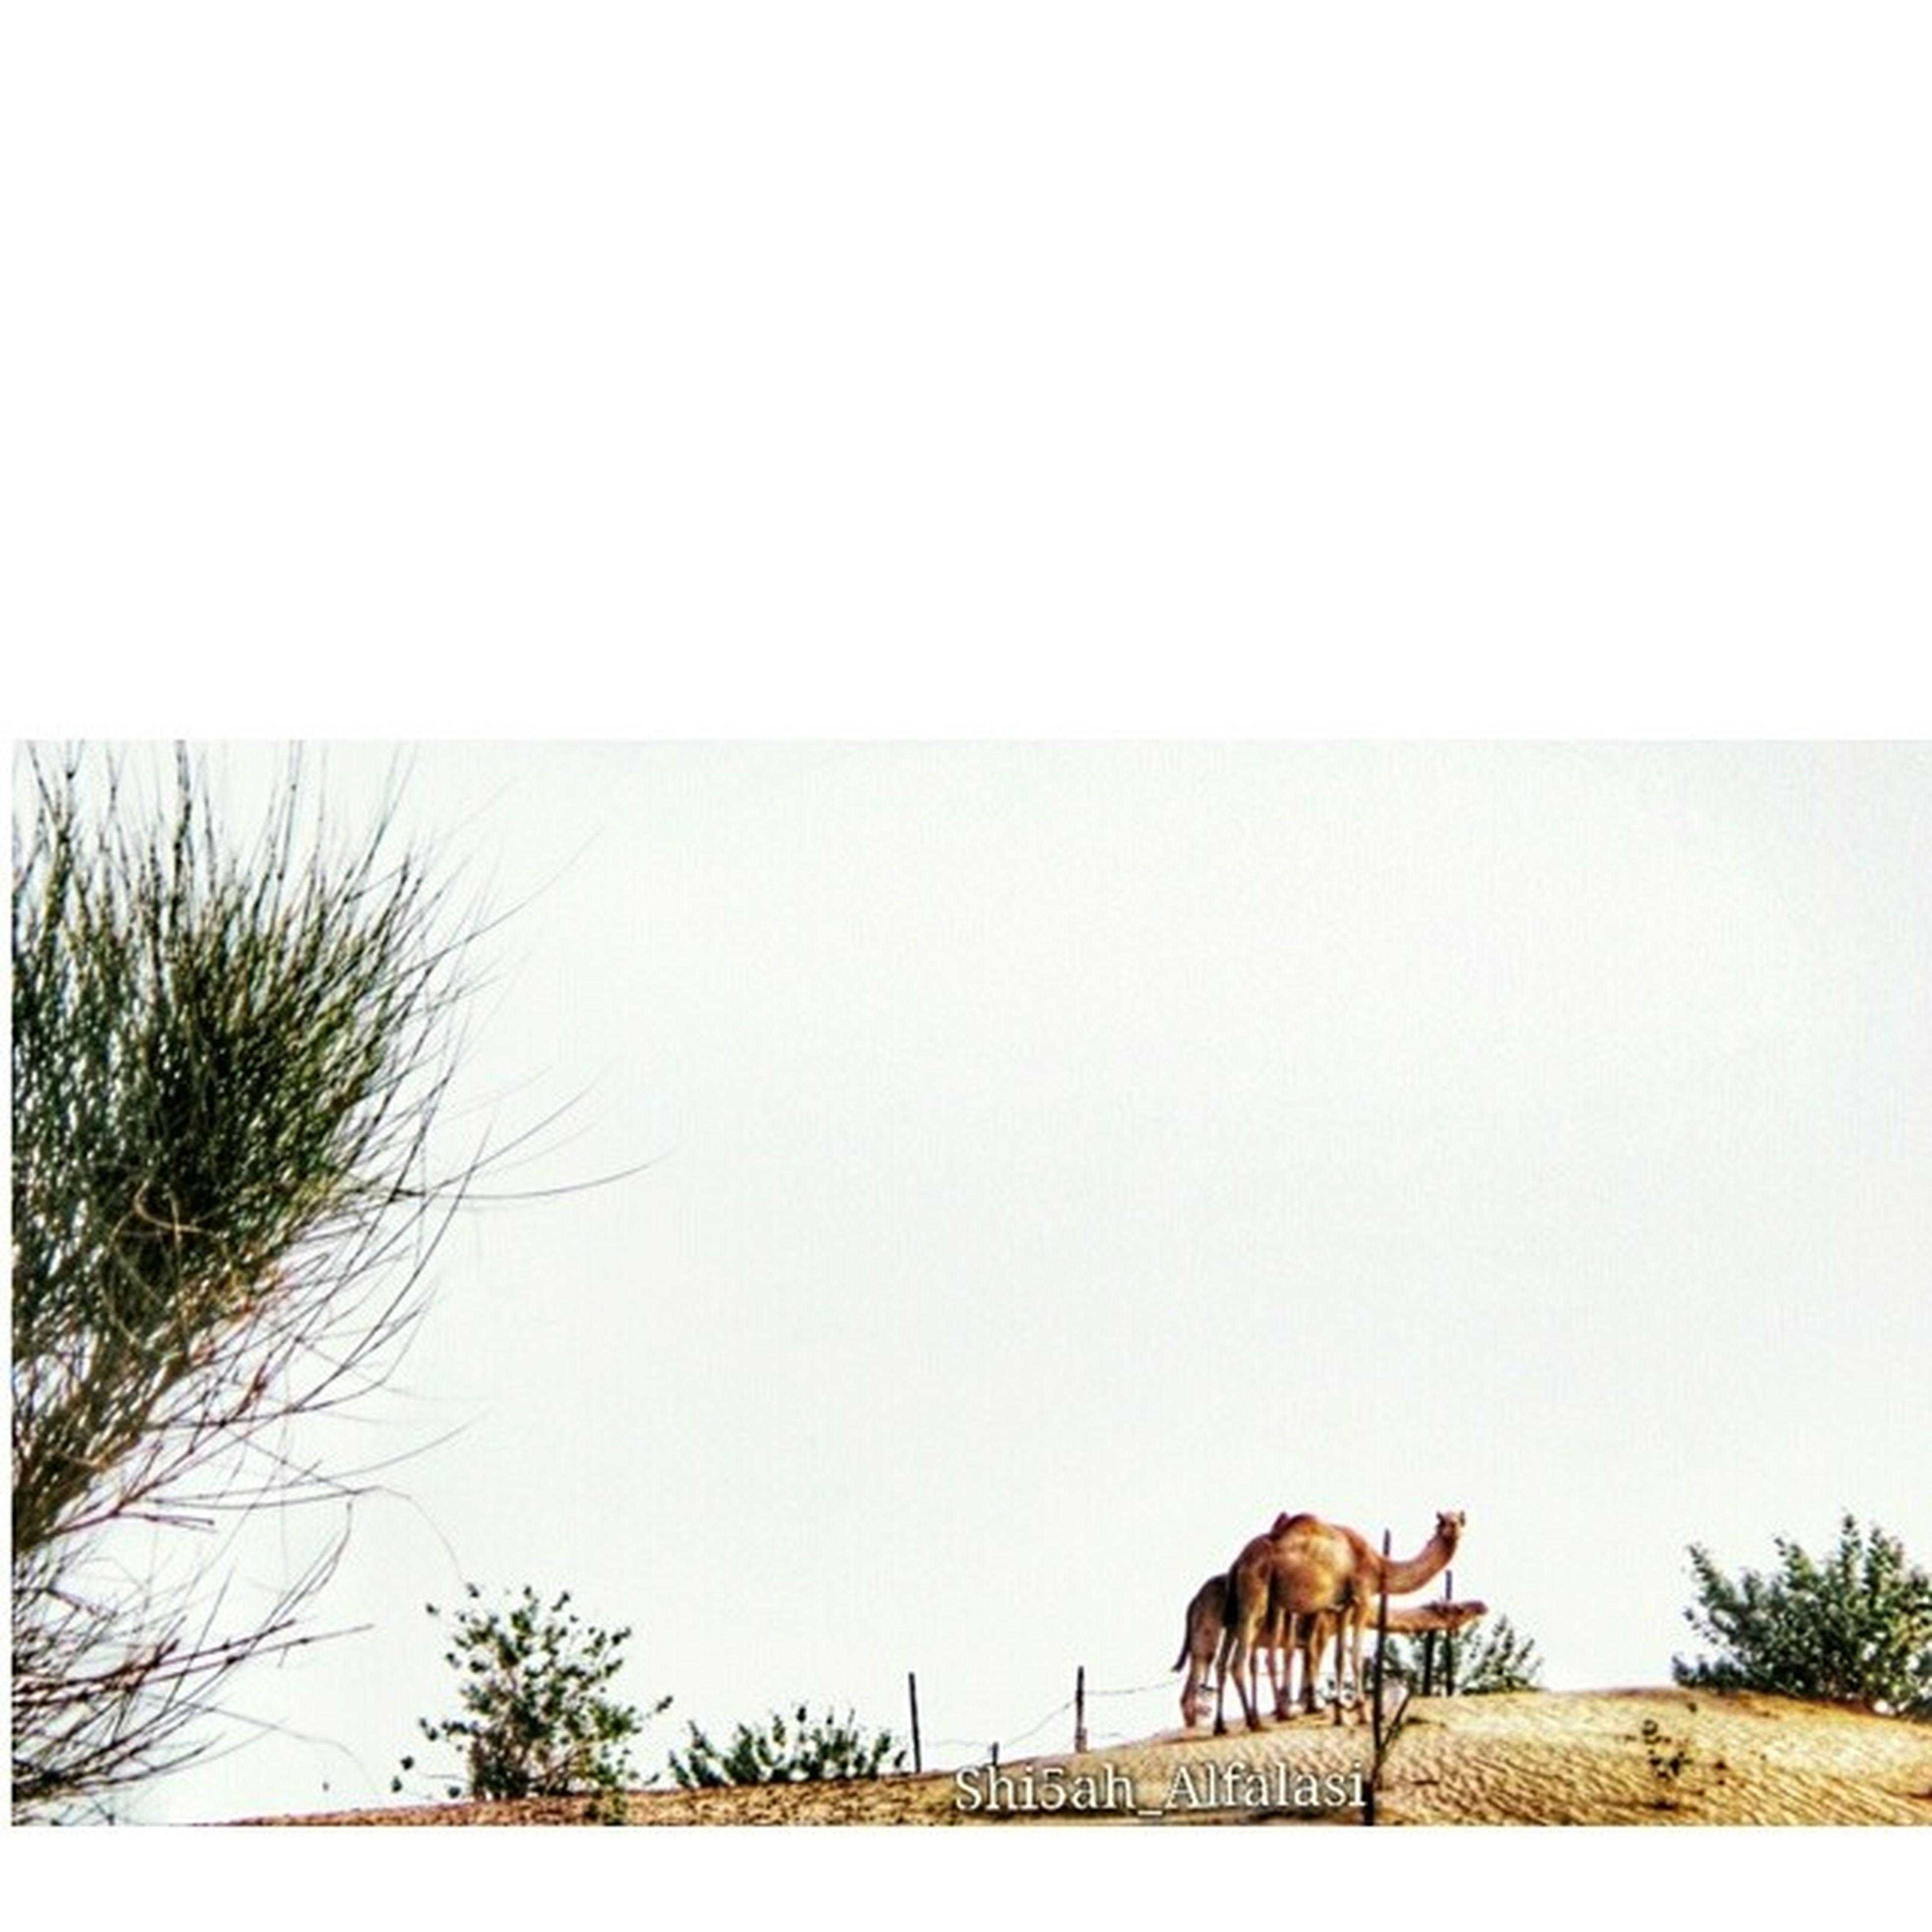 """Taken By_me ... .. . ﺇﻥ ﻡَ ﻗﺪﺭﺕِ ﺃﺩﻕّ ﺭﻗﻤﮓ ﻭﺁﺃﺣـ'ـﺂﻛﻴكـ ﺃﻋﻴﻴﺪ ﻓــﻲ ﺭﺁﺳِــﻲ ﺳﻮﺁﻟﻔﮓ ﻭﺣﻜﺂﮒ .. ﻭﺁﻥ ﻣﺂ ﻗﺩﺭﺕِ ﺁﺷﻮﻑ ﺯﻭﻟﮓِ ﻭﺁﻵﺁﻗﻴﻴﻚ !' ﺁﺩﻭﻭﺭﻙ ﺩﺁﺧِﻞ ﺍﻟﻘﻠﺐ ﻭﺃﻟﻘــﺂ ﺁ ﺁ ﺁ ﮒ"""" .. ... ي_شيوخ_مساكم_فخامه ?? .."""